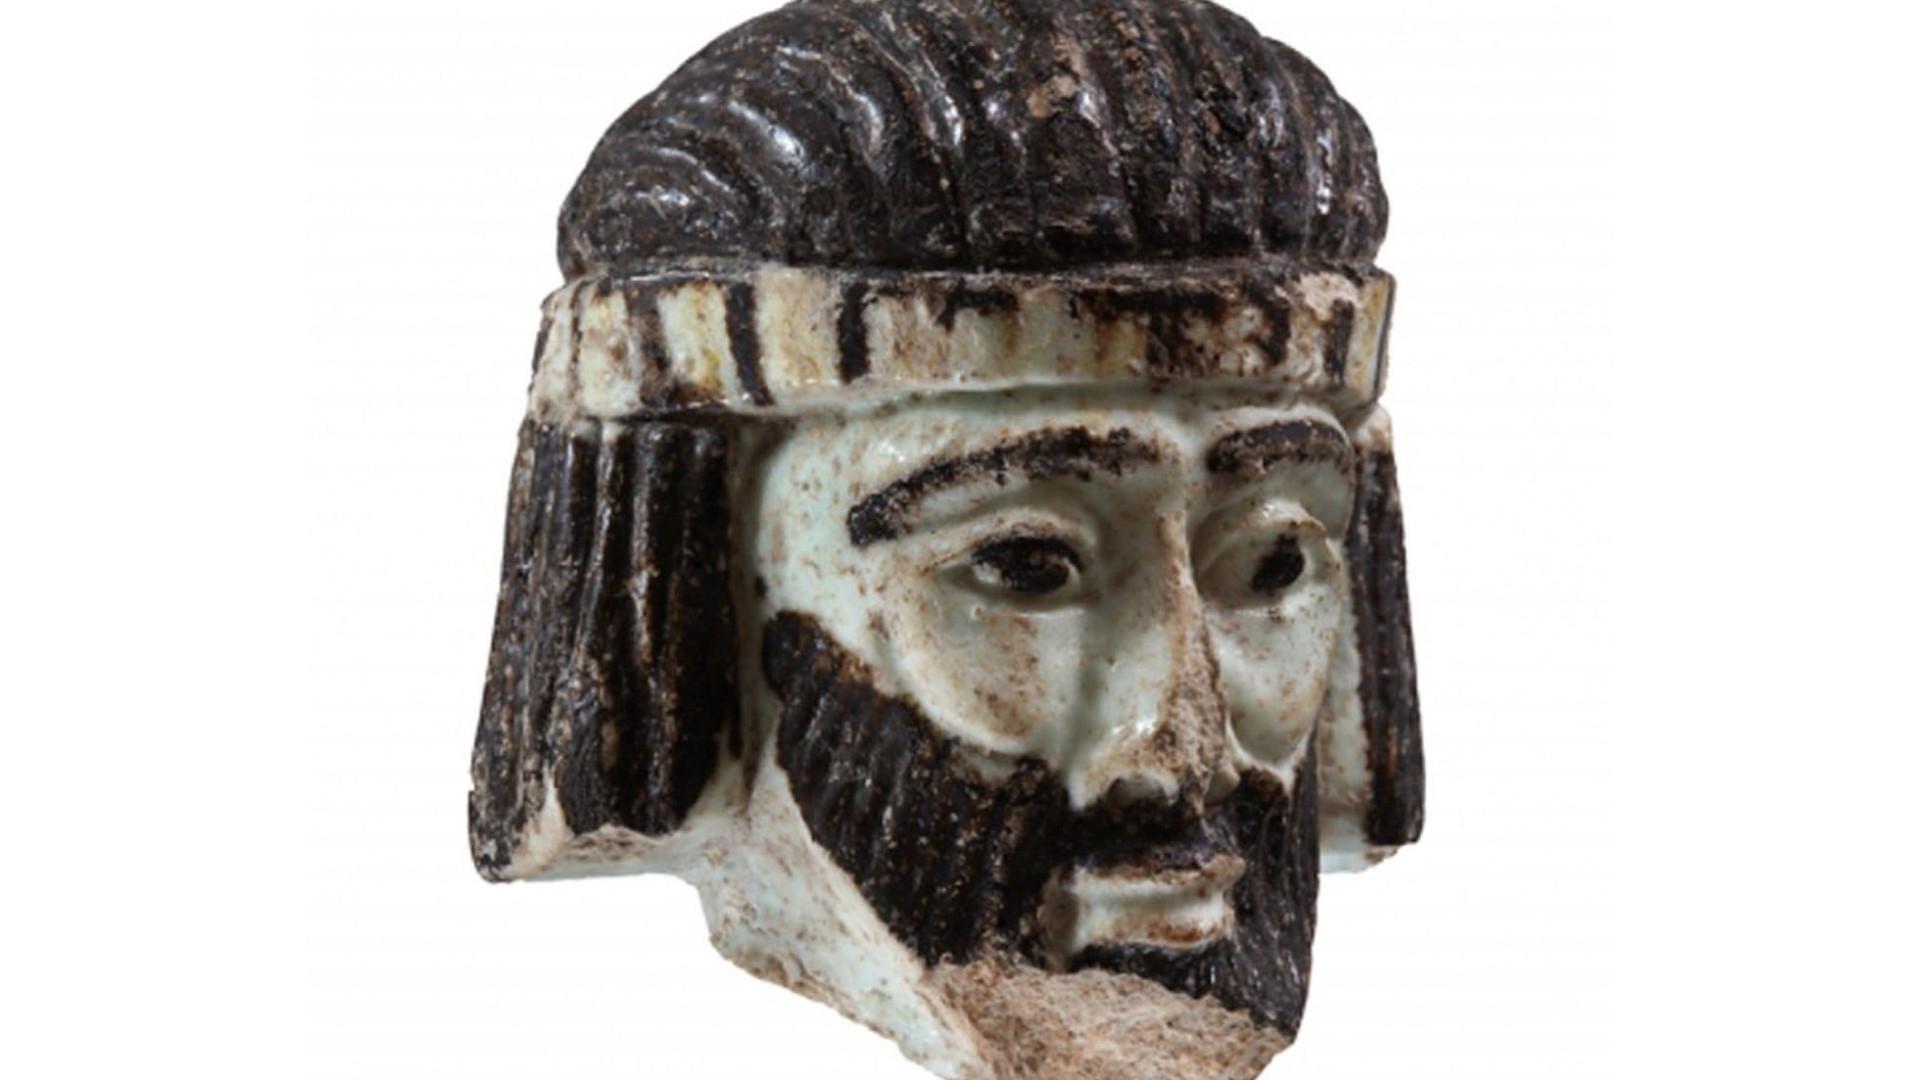 Escultura do Antigo Testamento deixa arqueólogos intrigados